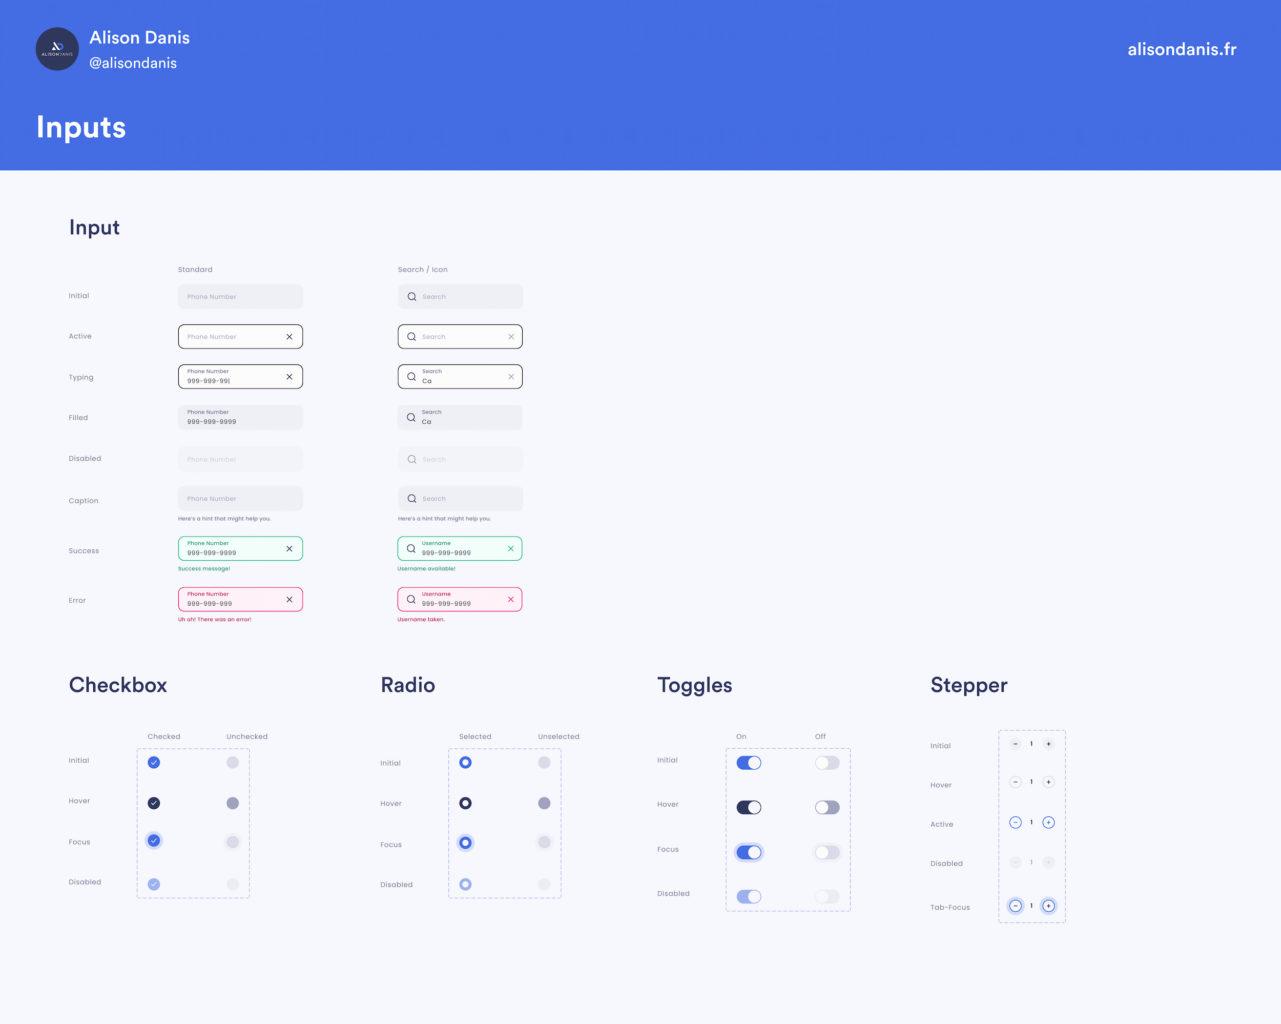 Exemple des inputs dans un Design System.